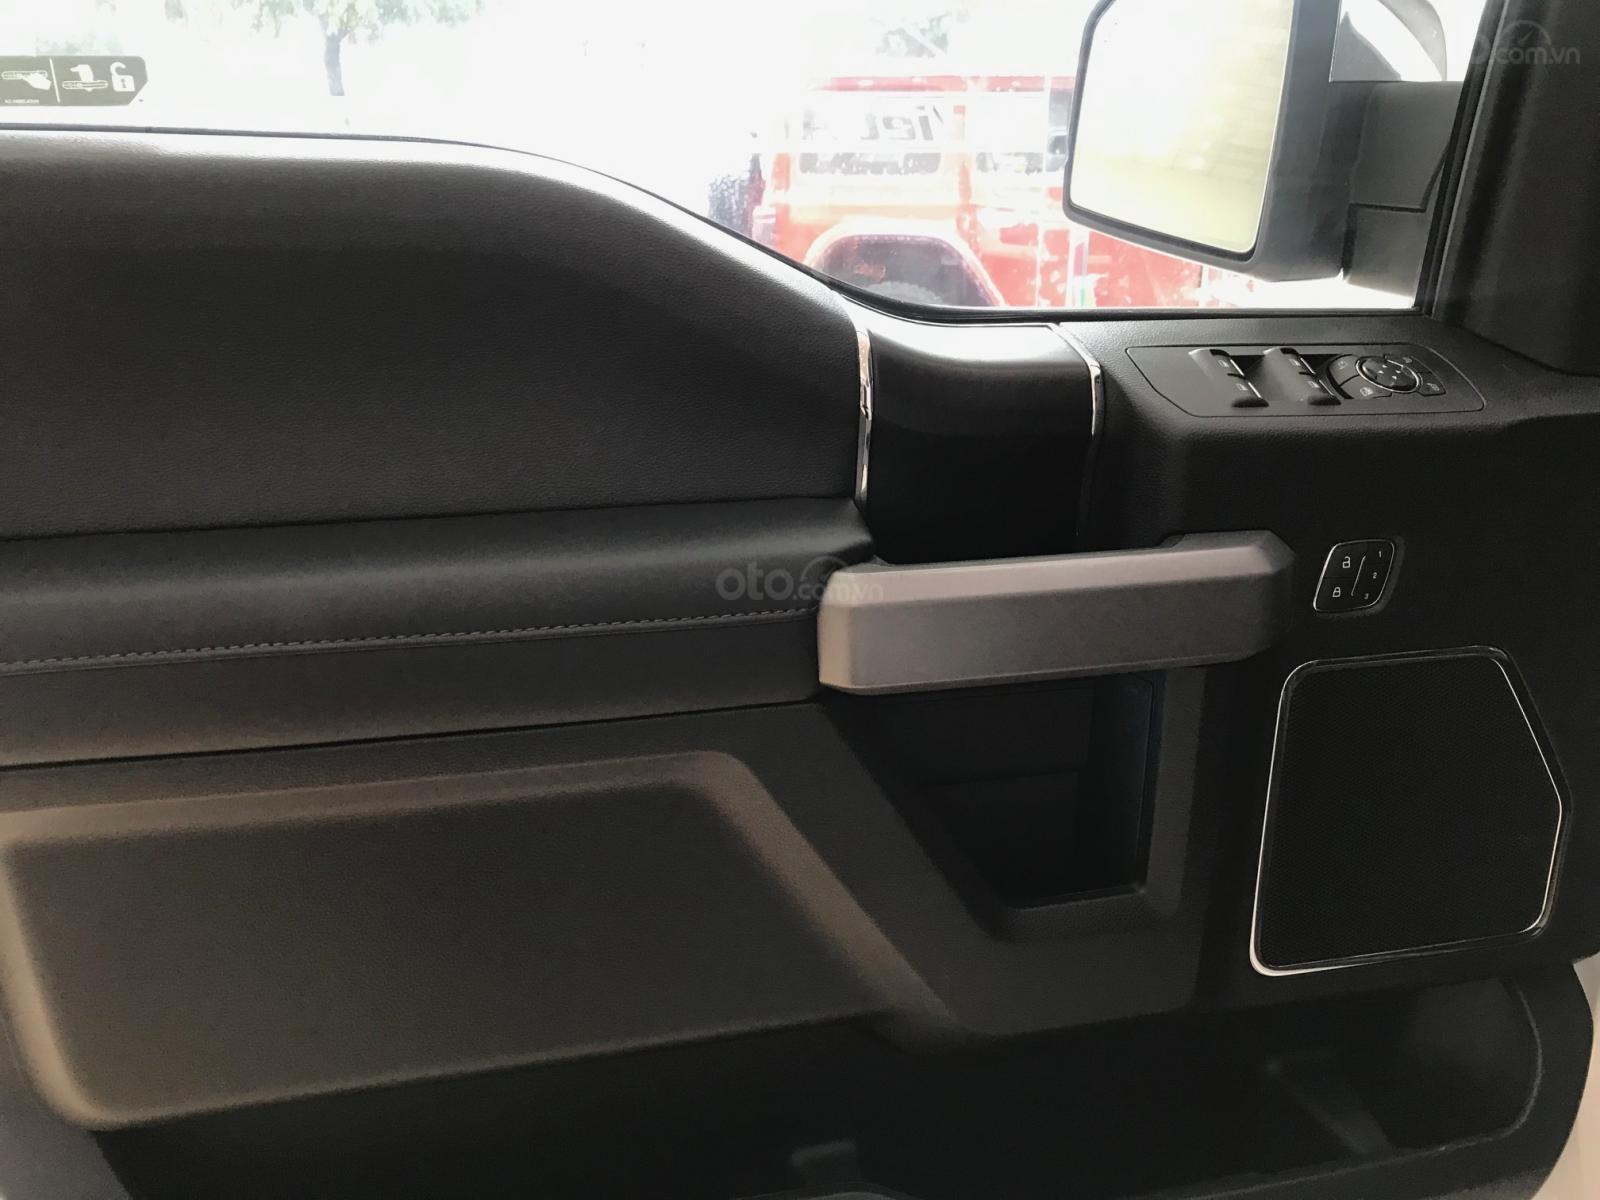 Bán Ford F 150 sản xuất Mỹ, đẳng cấp bán tải, xe giao ngay, LH 0904754444 (7)